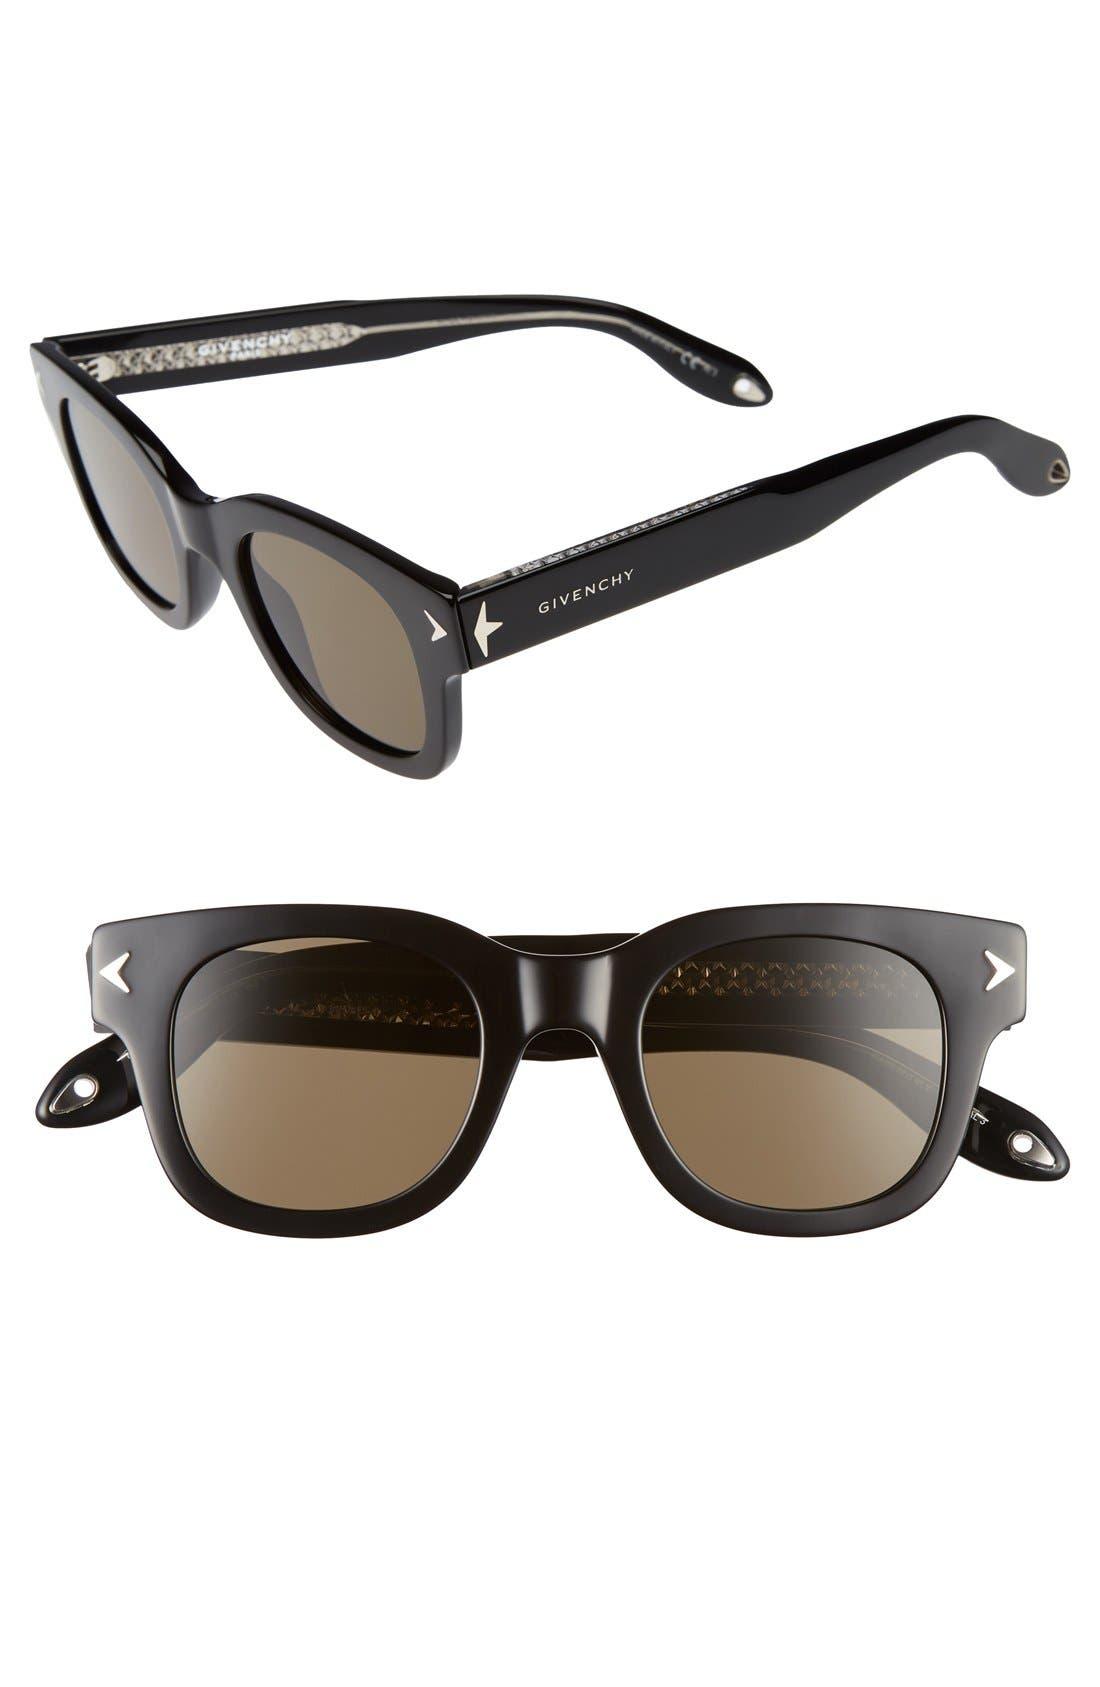 47mm Gradient Sunglasses,                             Main thumbnail 1, color,                             002